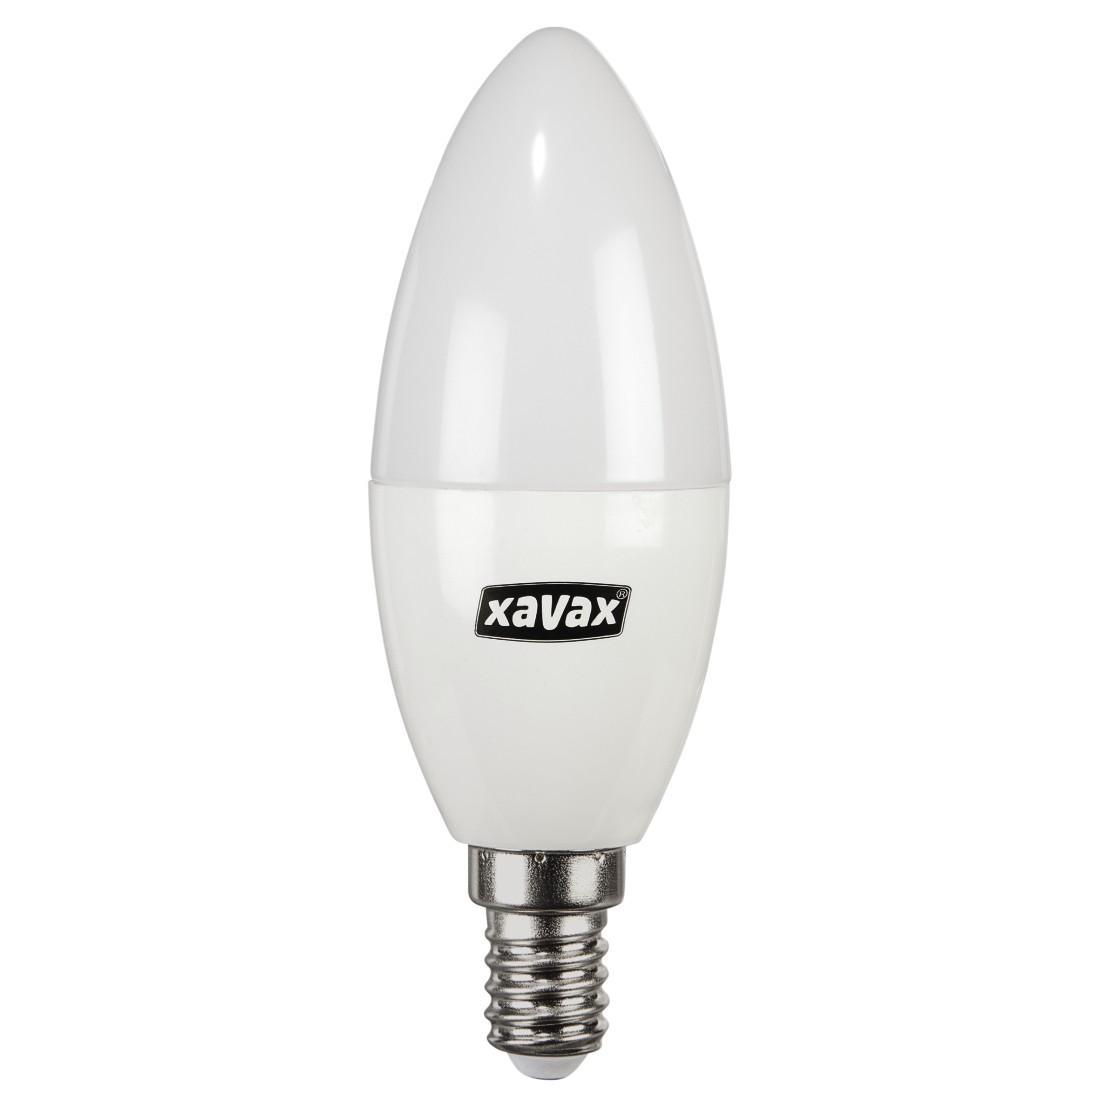 LED крушка XAVAX 112289, 230V, 5.4W, E14, C 37, 2700K, candle